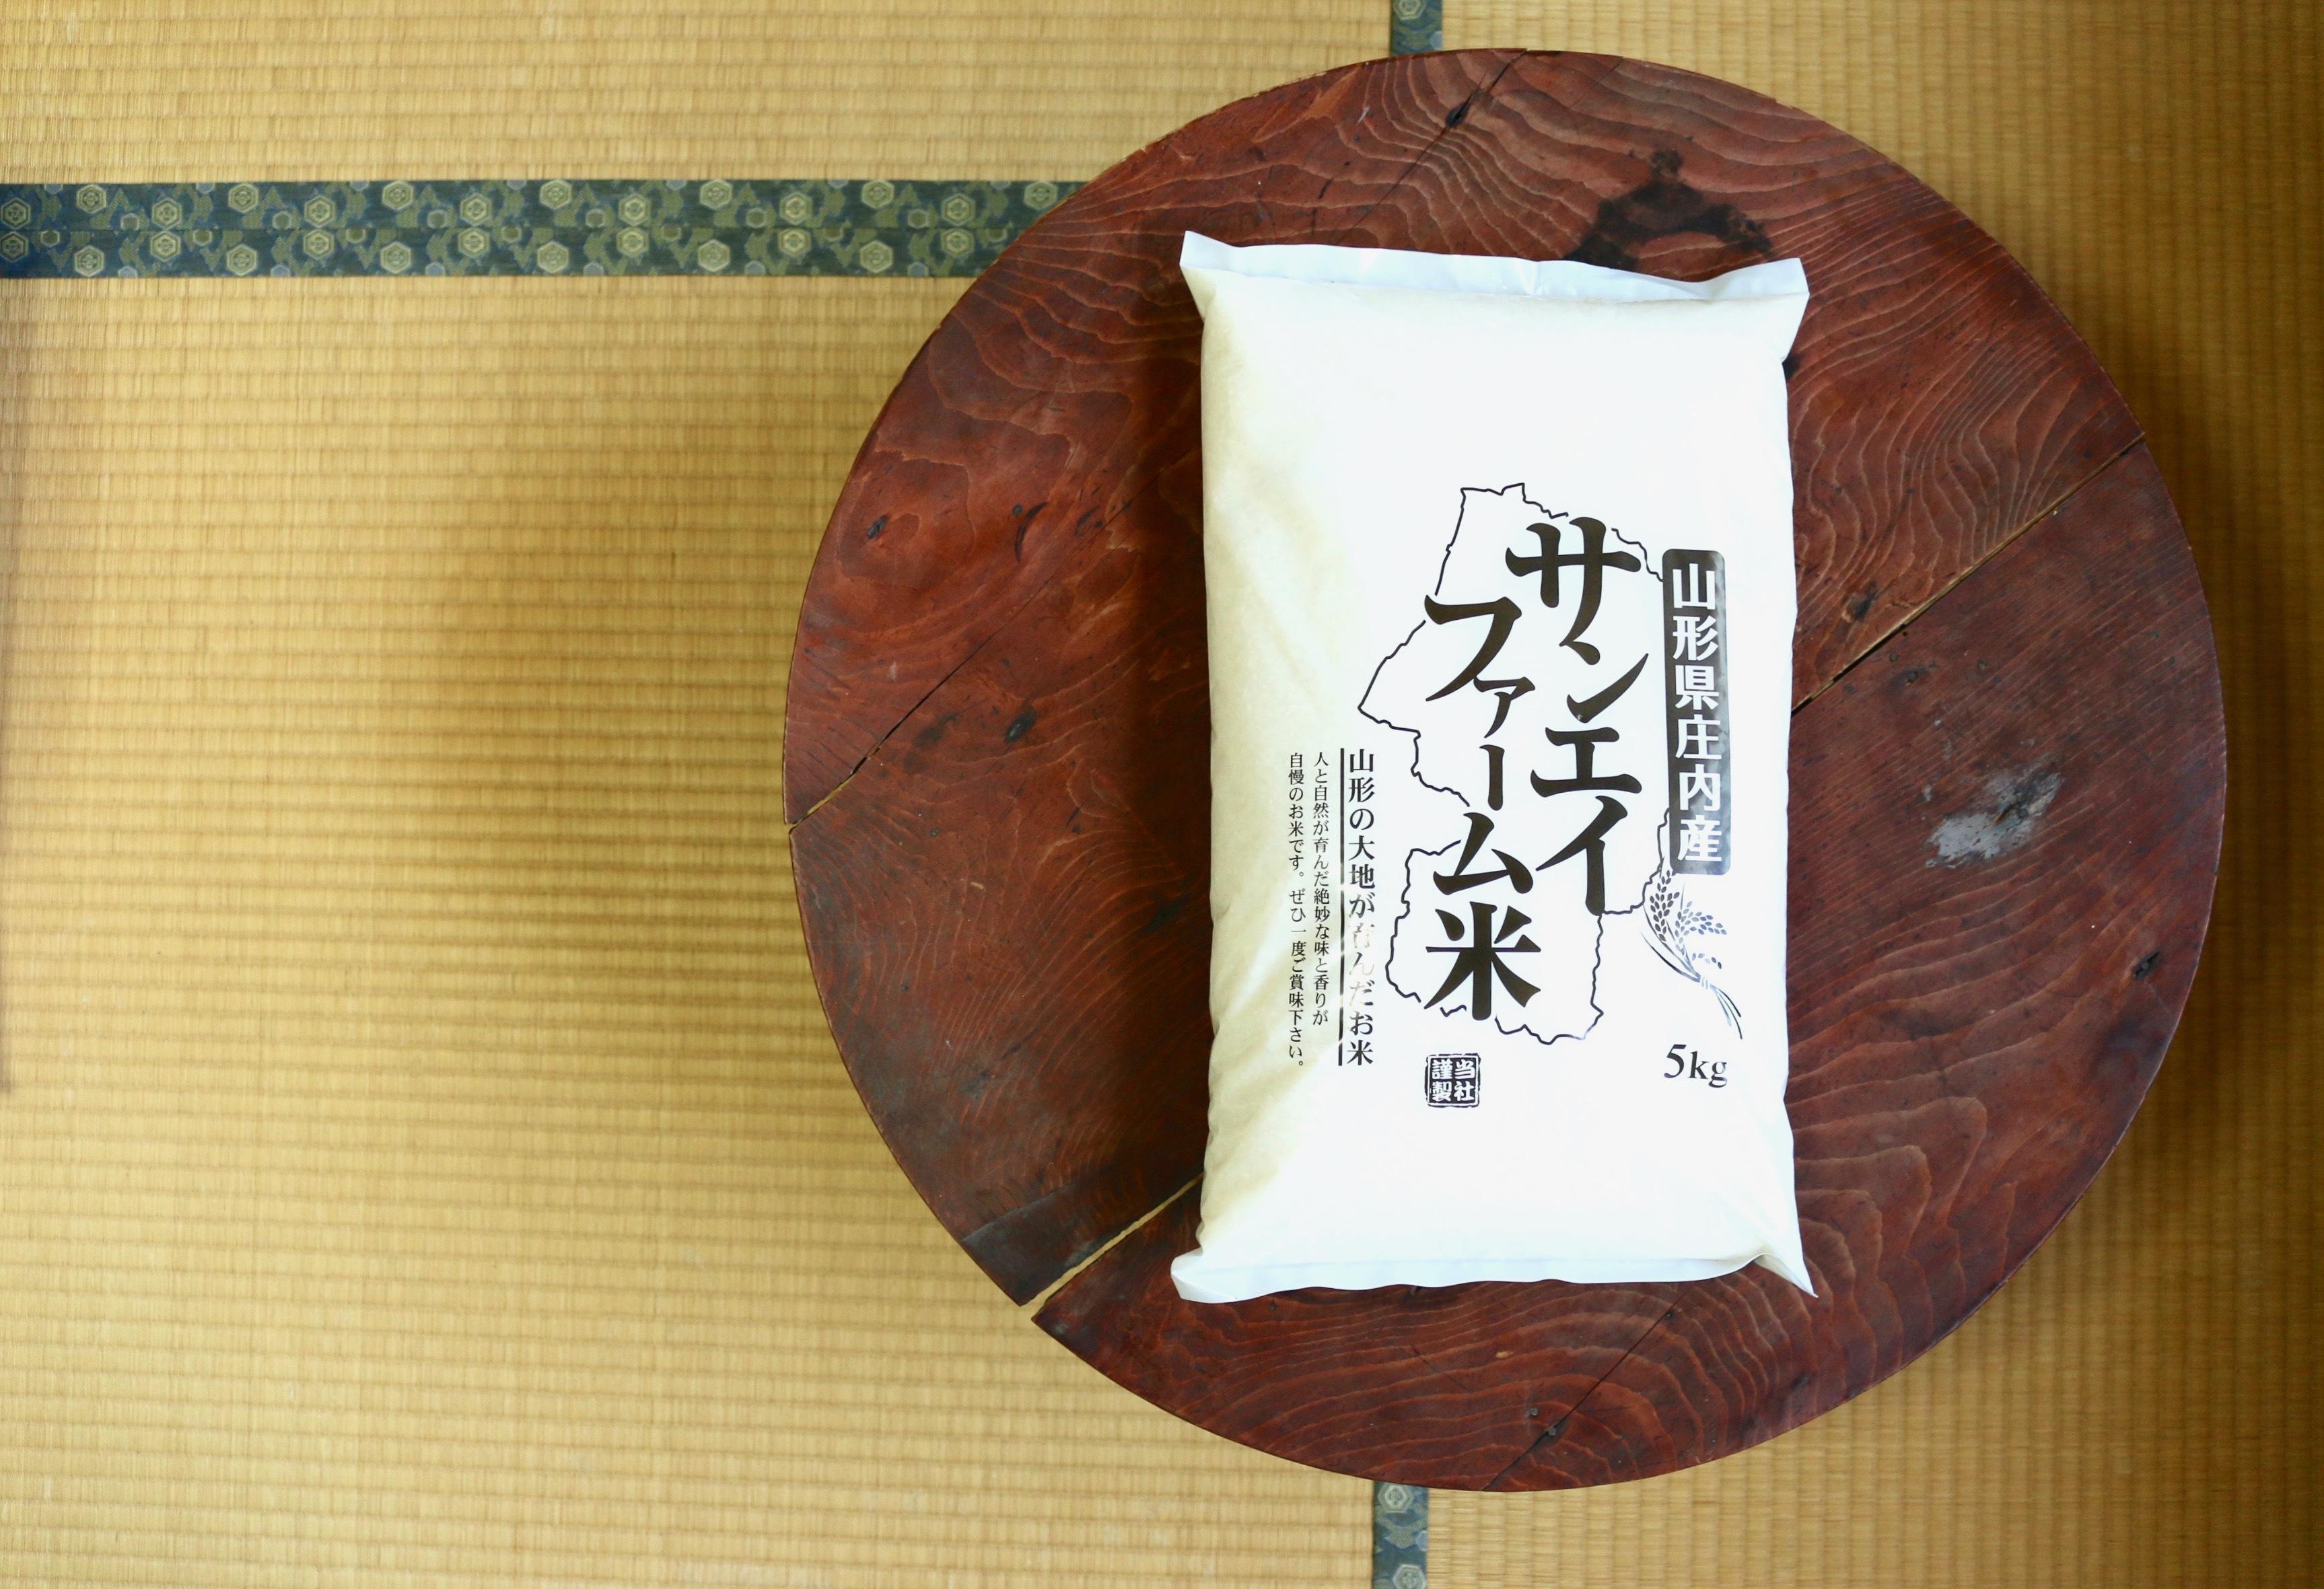 【精米したてをお届け!】山形産 サンエイファーム米20kg(5kg×4袋)化学肥料ゼロ 工藤さんのお米